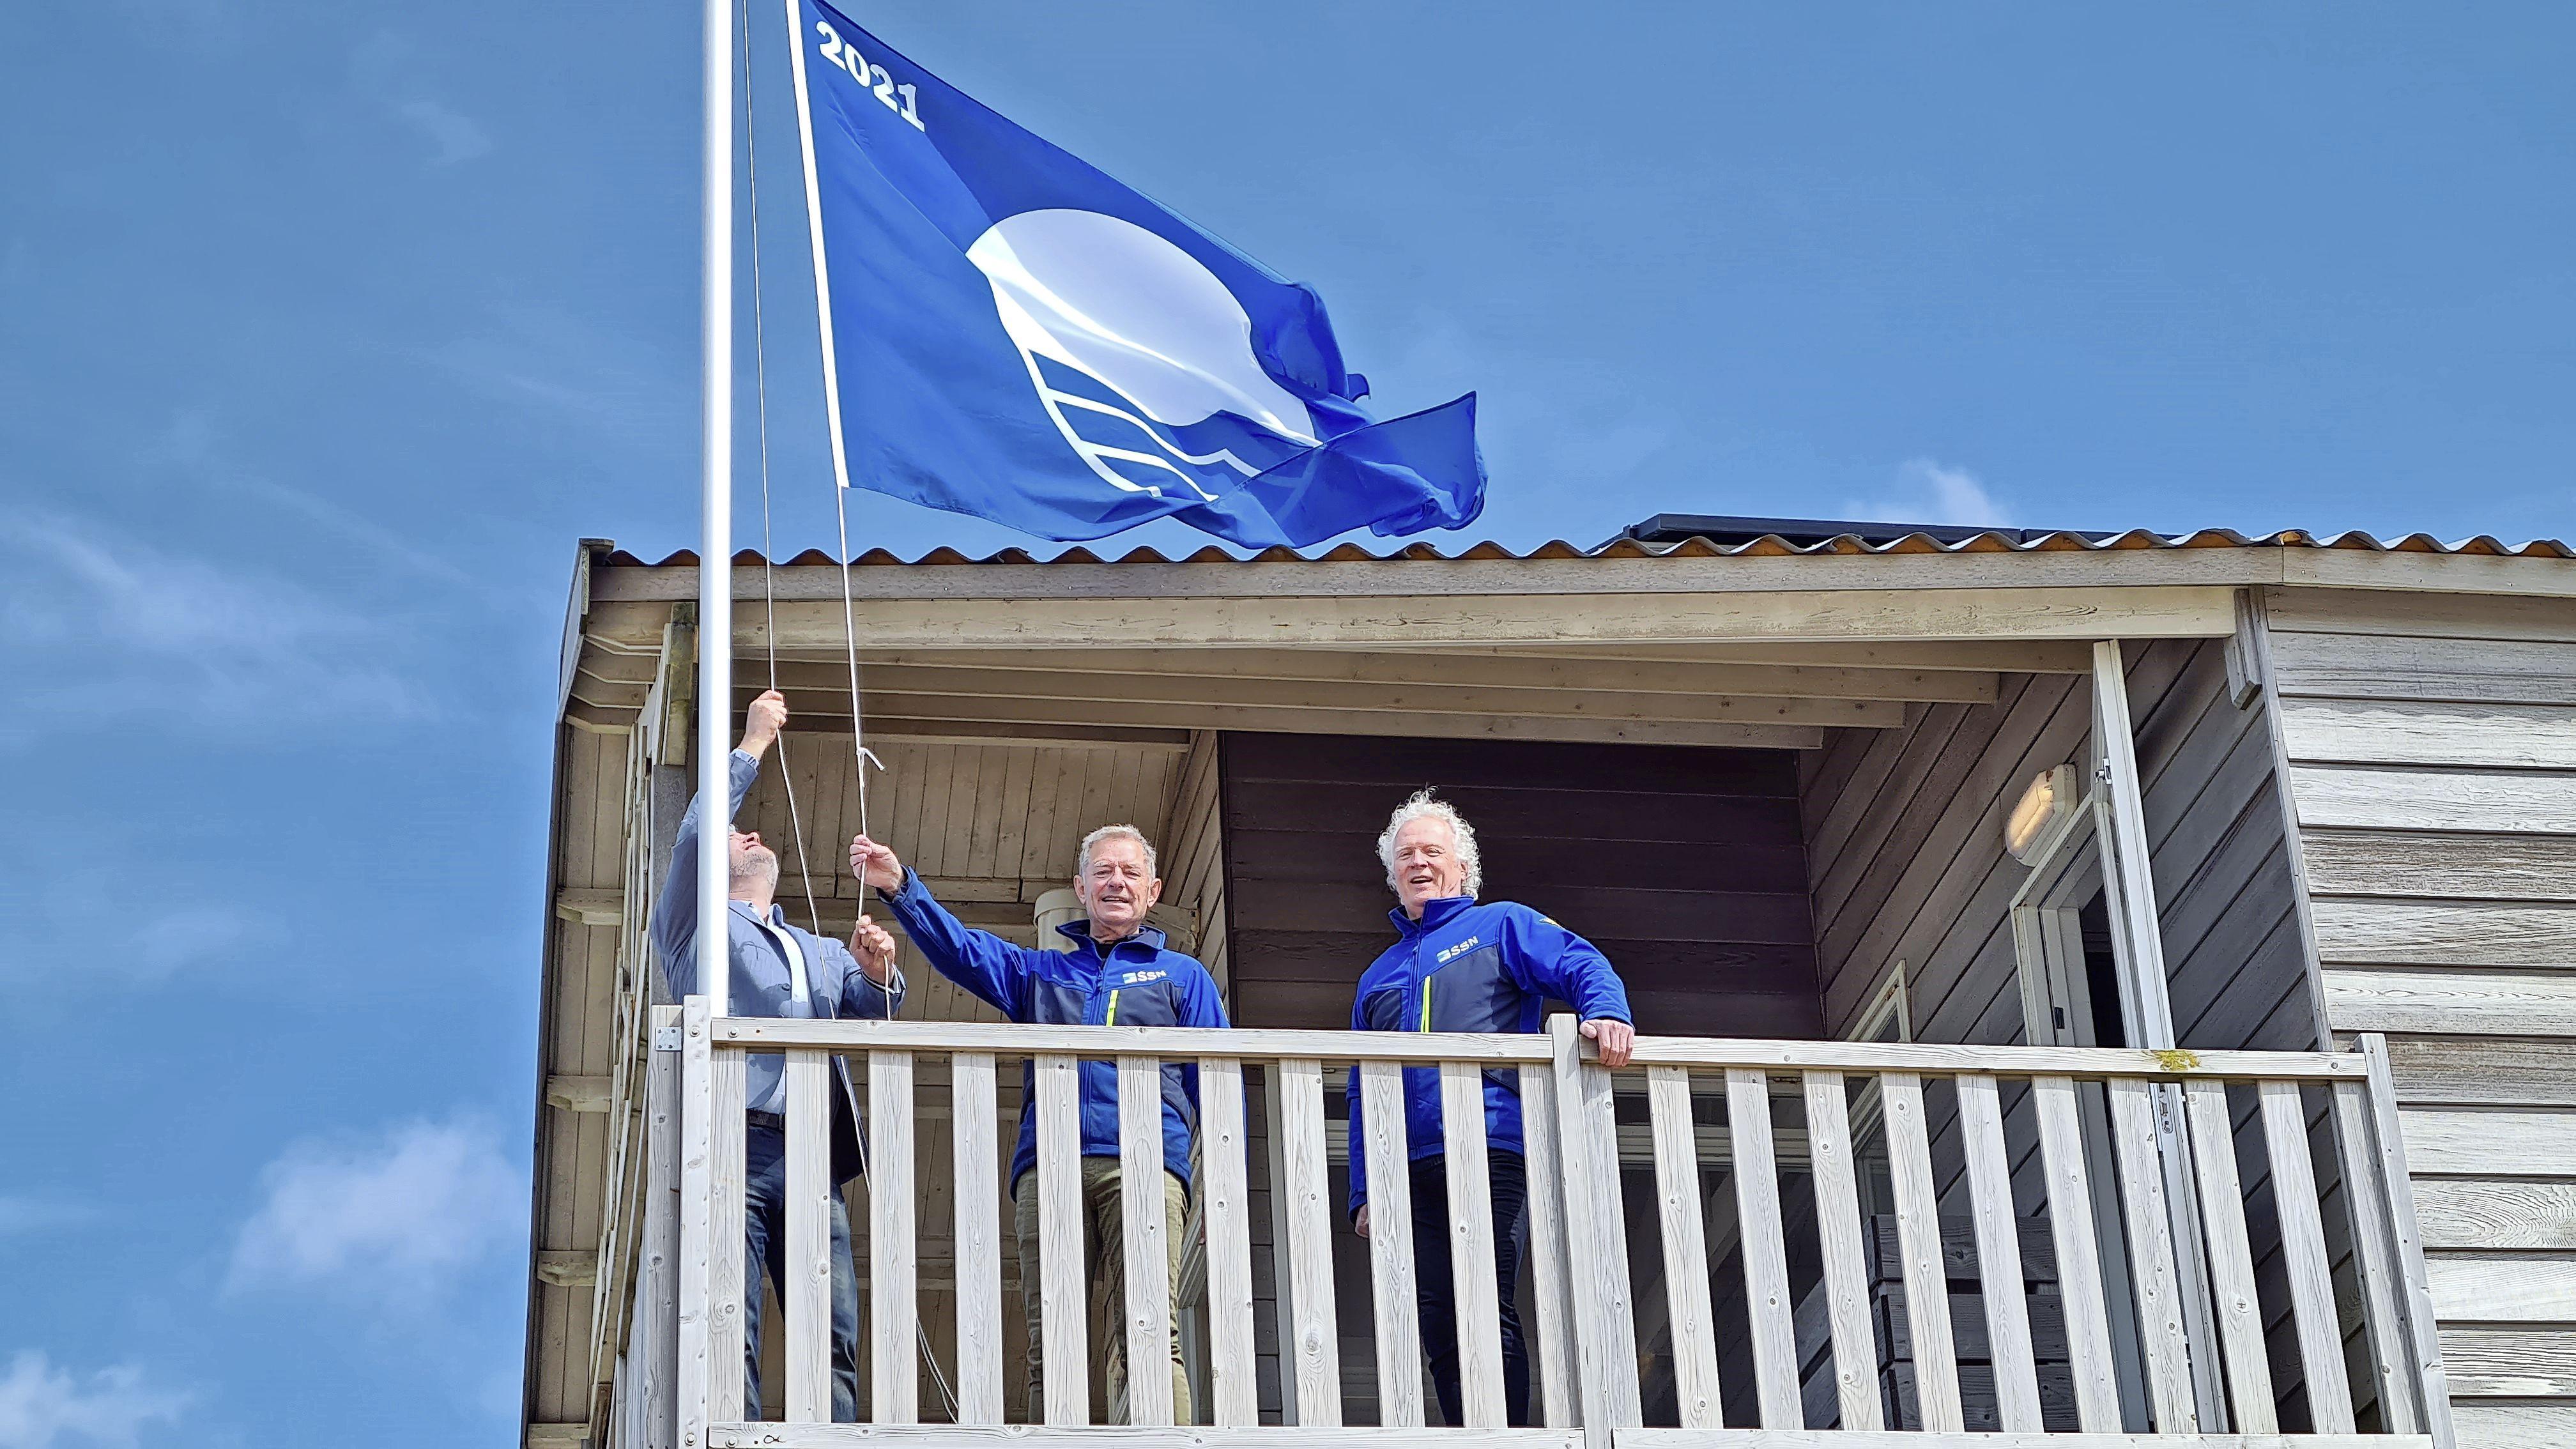 De stranden en jachthavens in de Noordkop zijn wederom zo schoon dat ze dit seizoen opnieuw een blauwe vlag mogen voeren